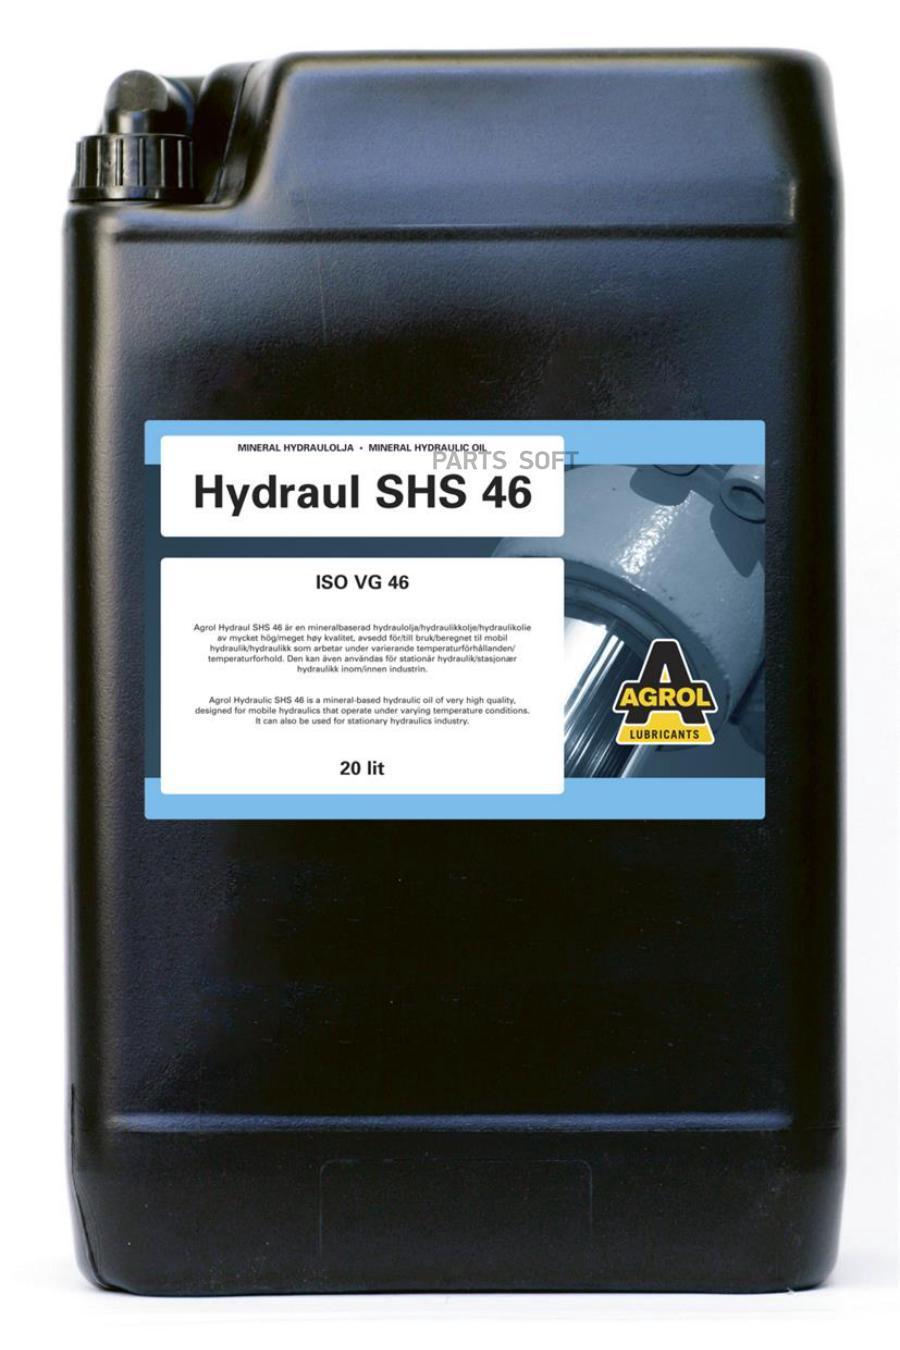 Hydraul SHS 46